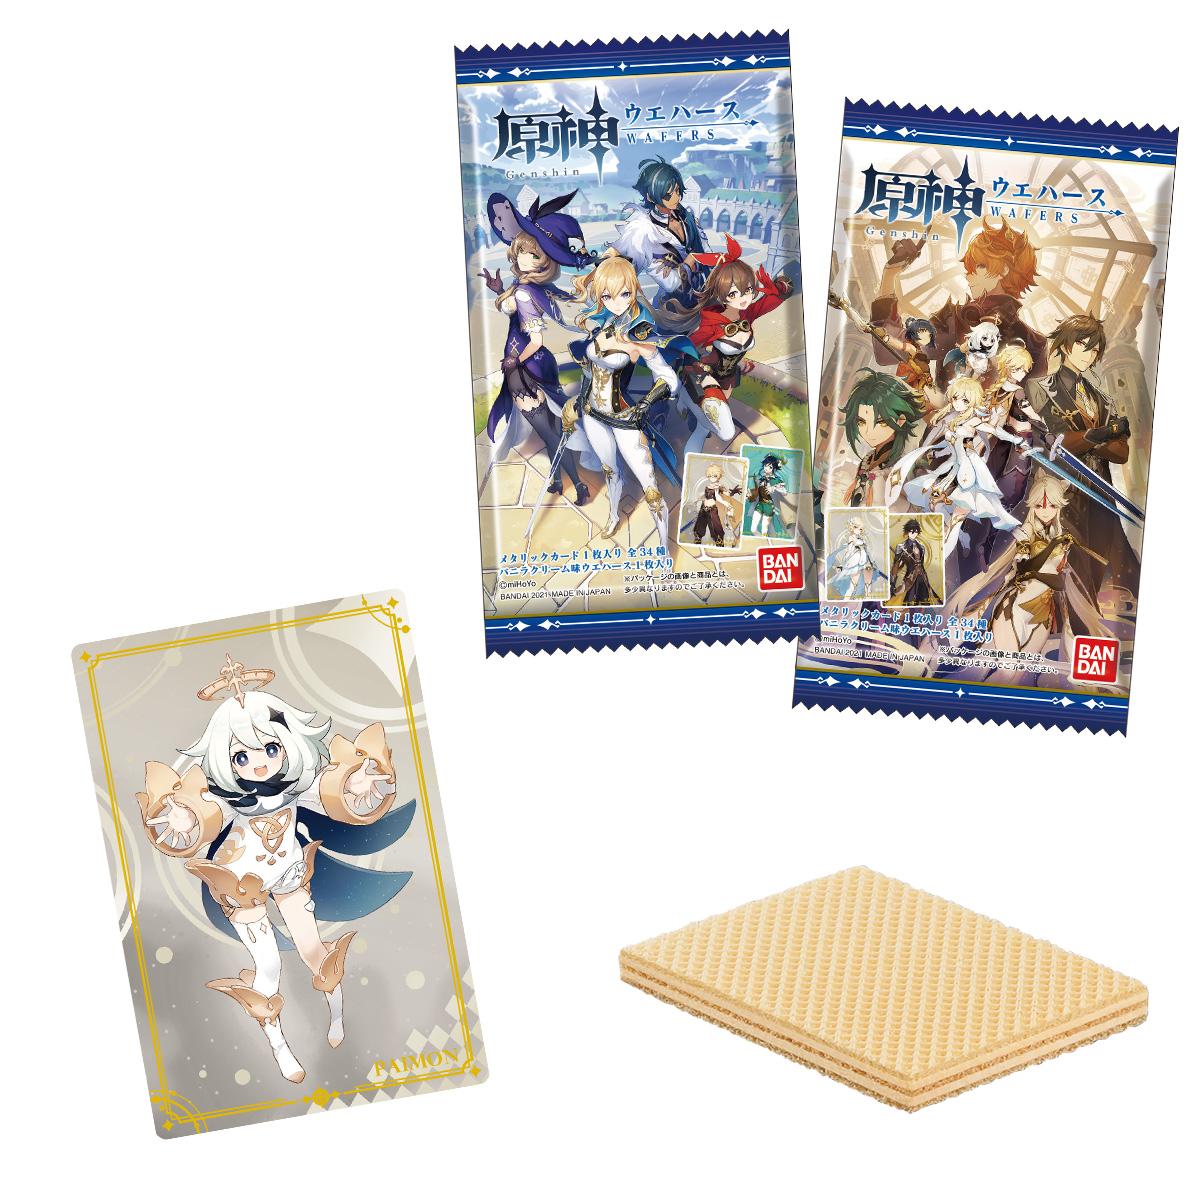 【食玩】原神『原神[Genshin] ウエハース』20個入りBOX-001